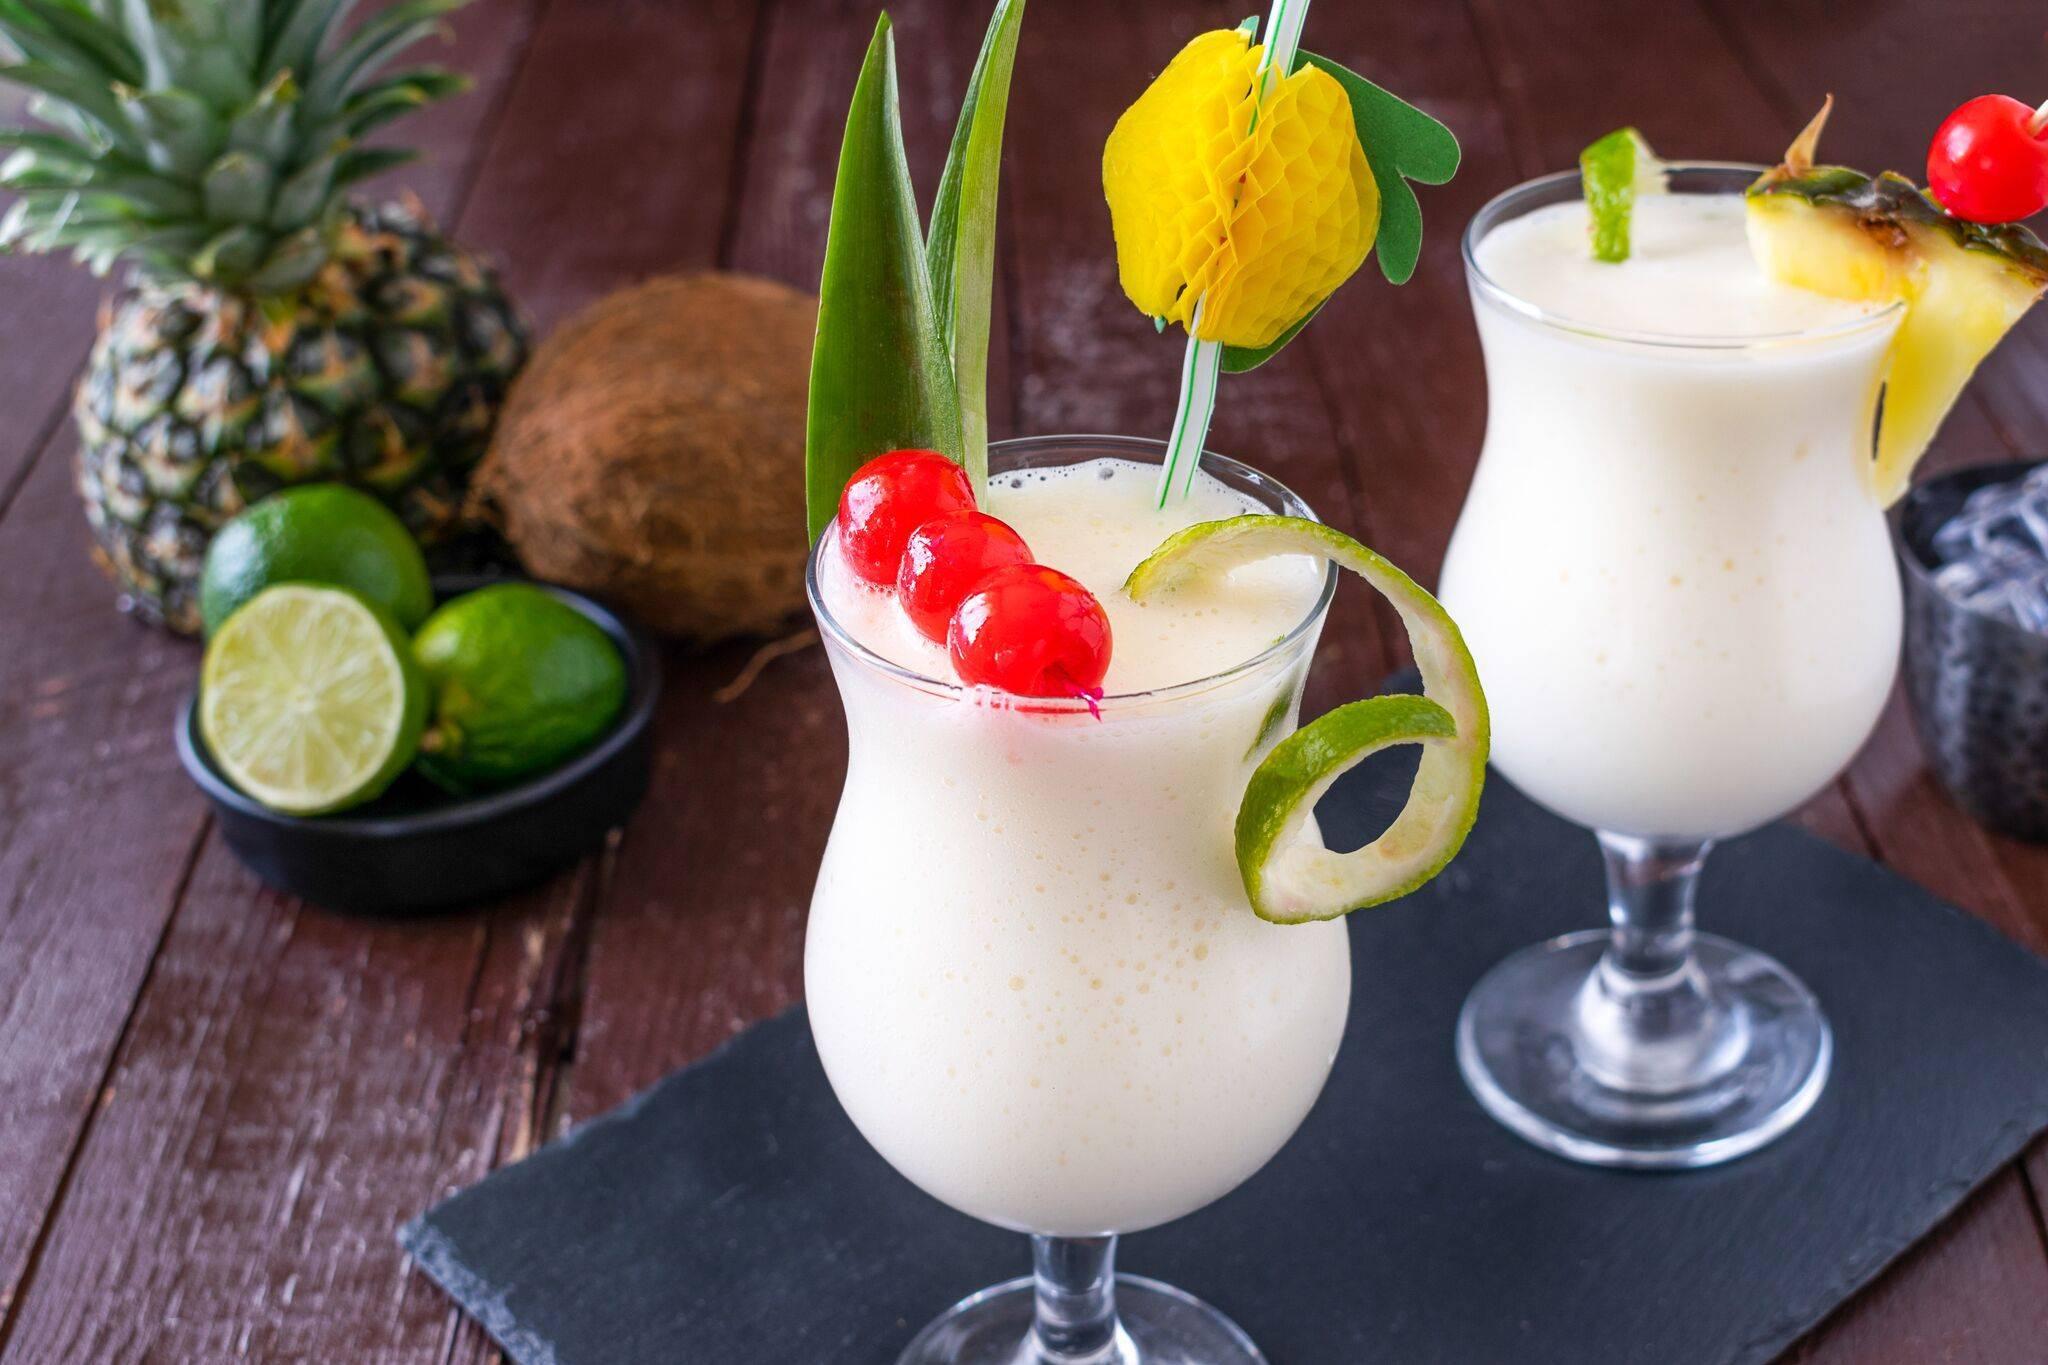 Коктейль пина колада алкогольный рецепт с фото пошагово и видео - 1000.menu